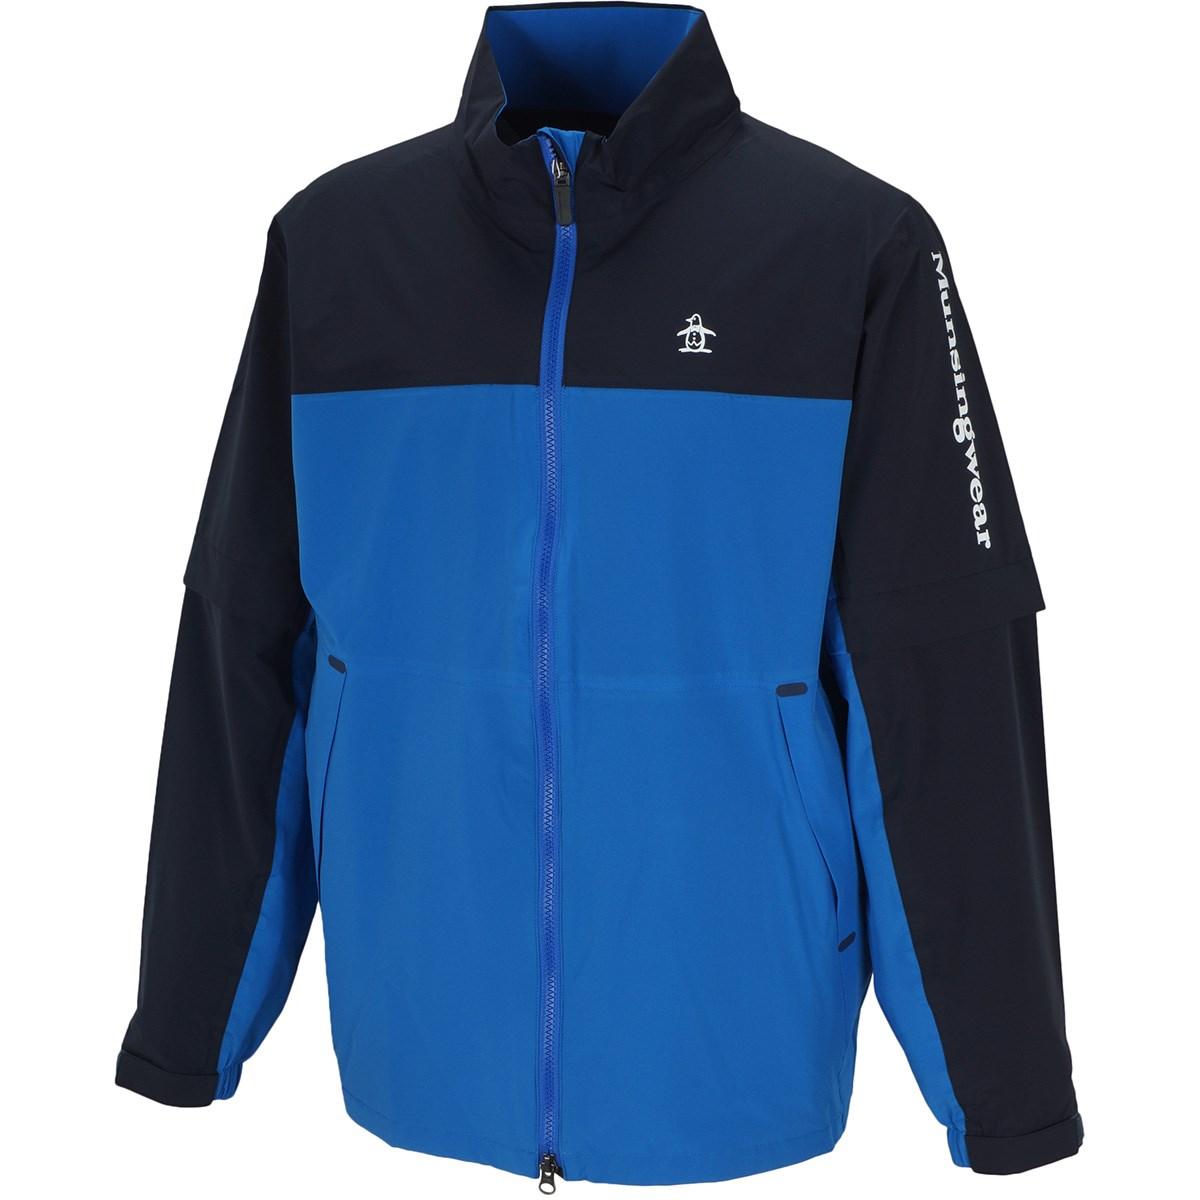 マンシングウェア Munsingwear ストレッチ 2WAY レインロゴブルゾン M ブルー/ネイビー